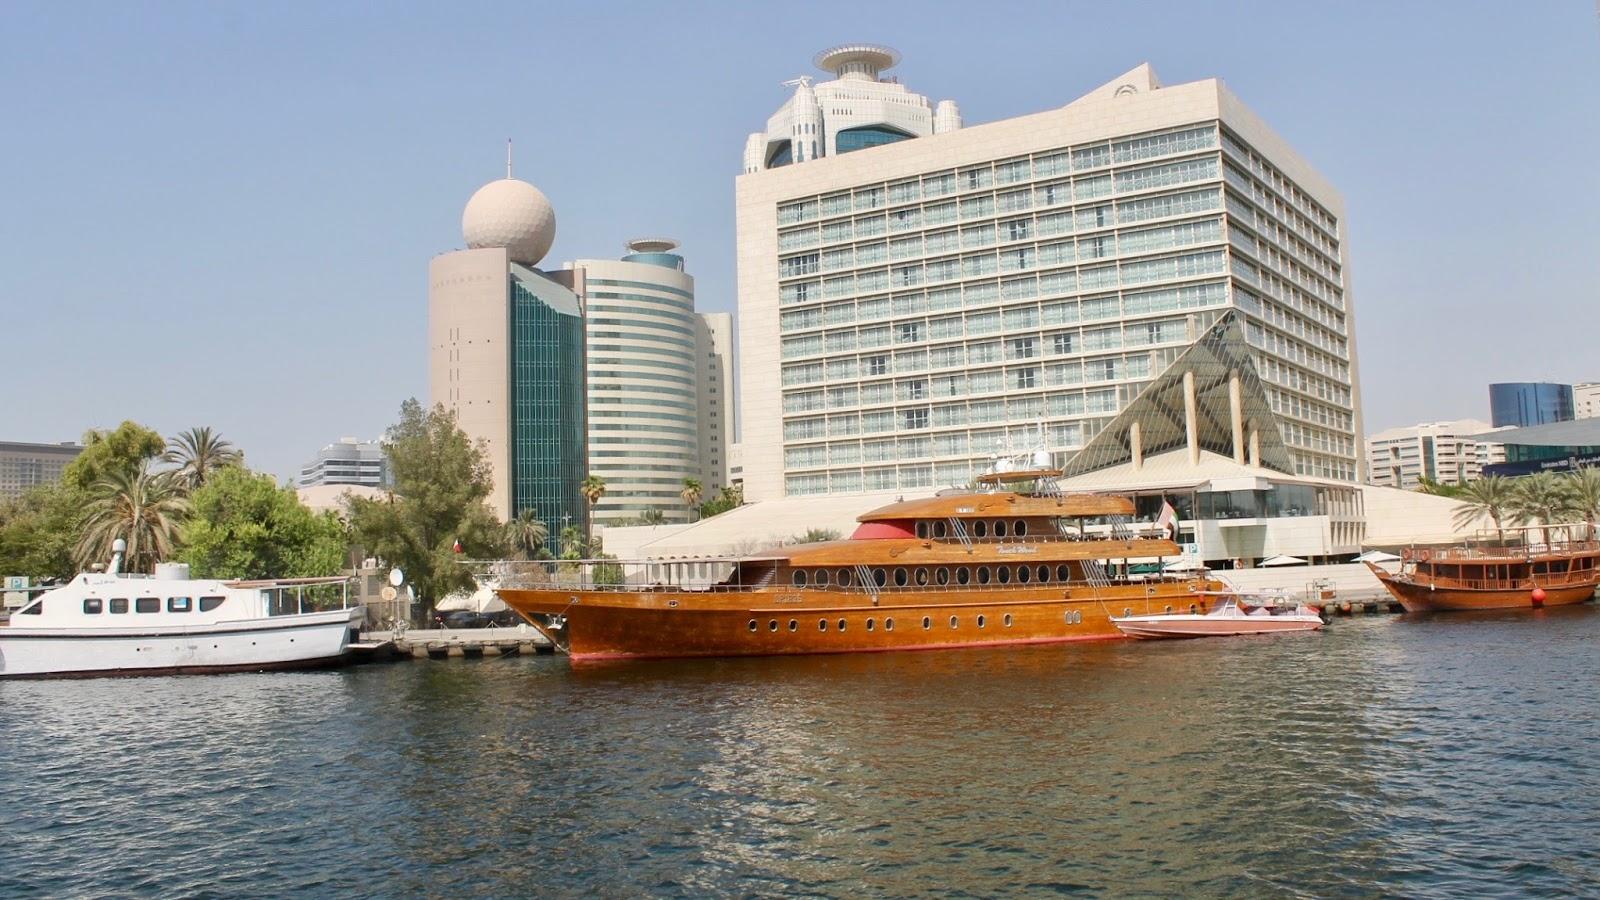 Dubai Boat Cruise and Architecture